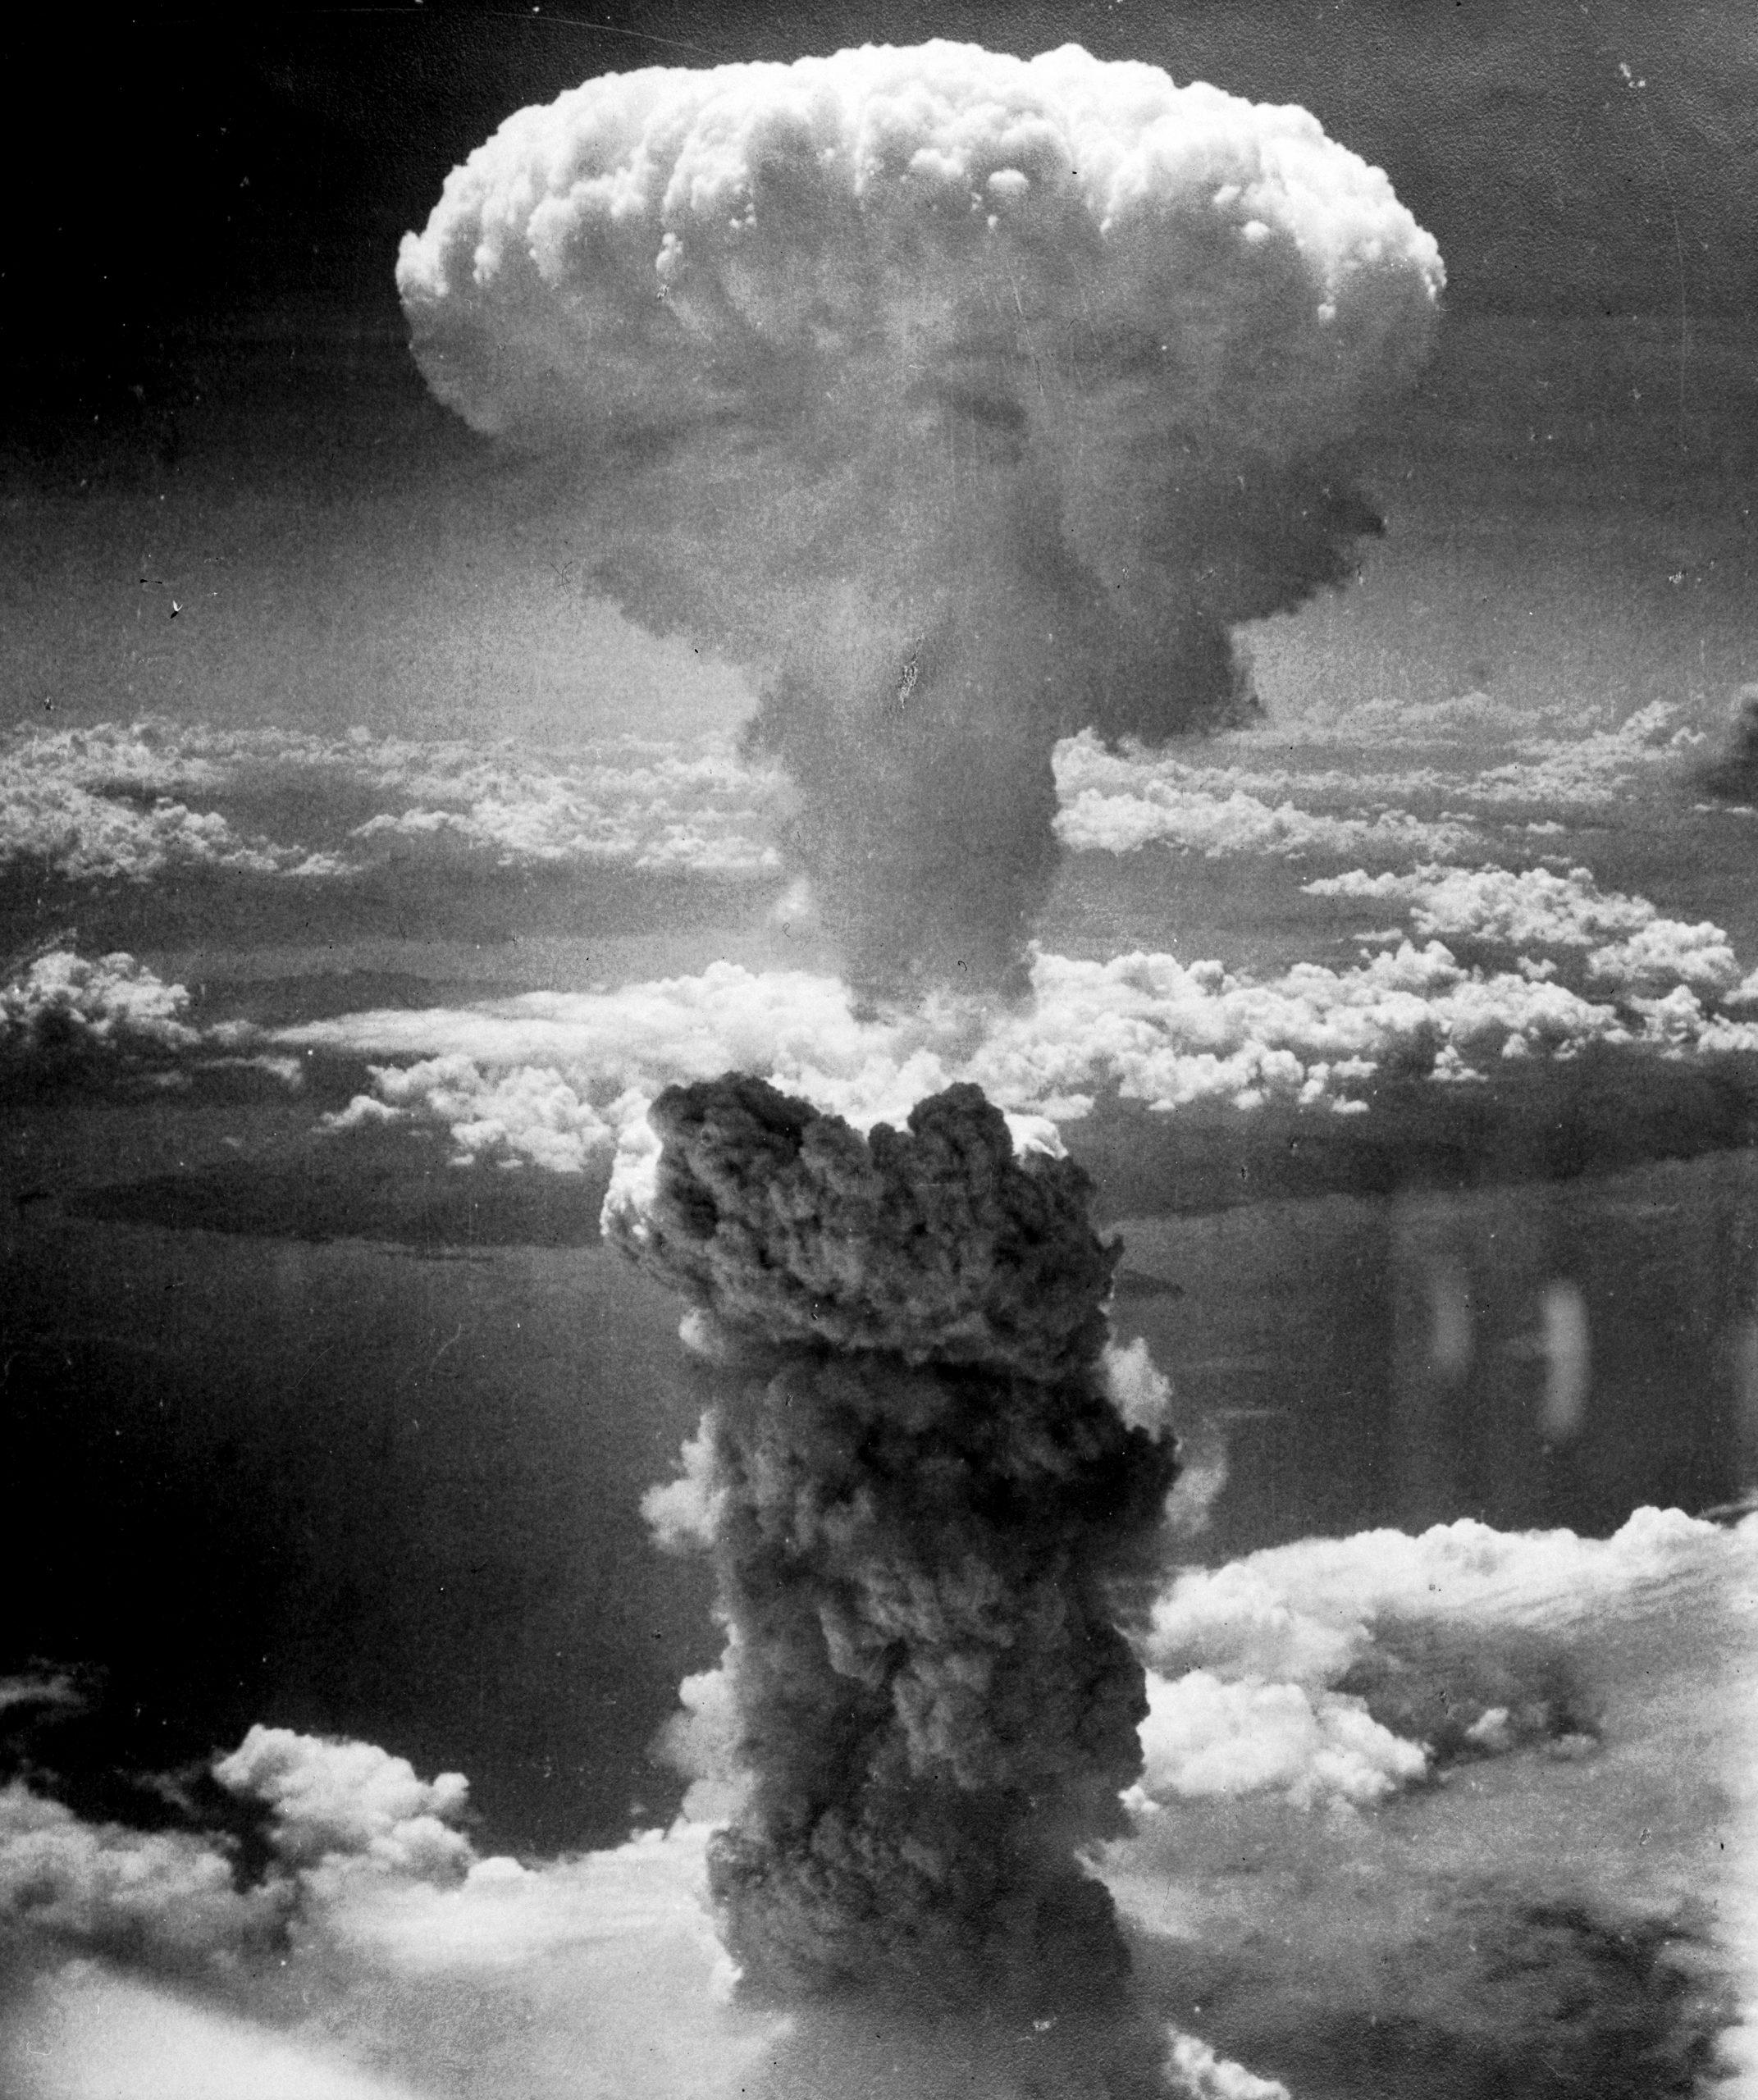 Grzyb dymu powstały w wyniku wybuchu bomby atomowej nad Nagasaki 9 sierpnia 1945 roku, źródło: Wikipedia